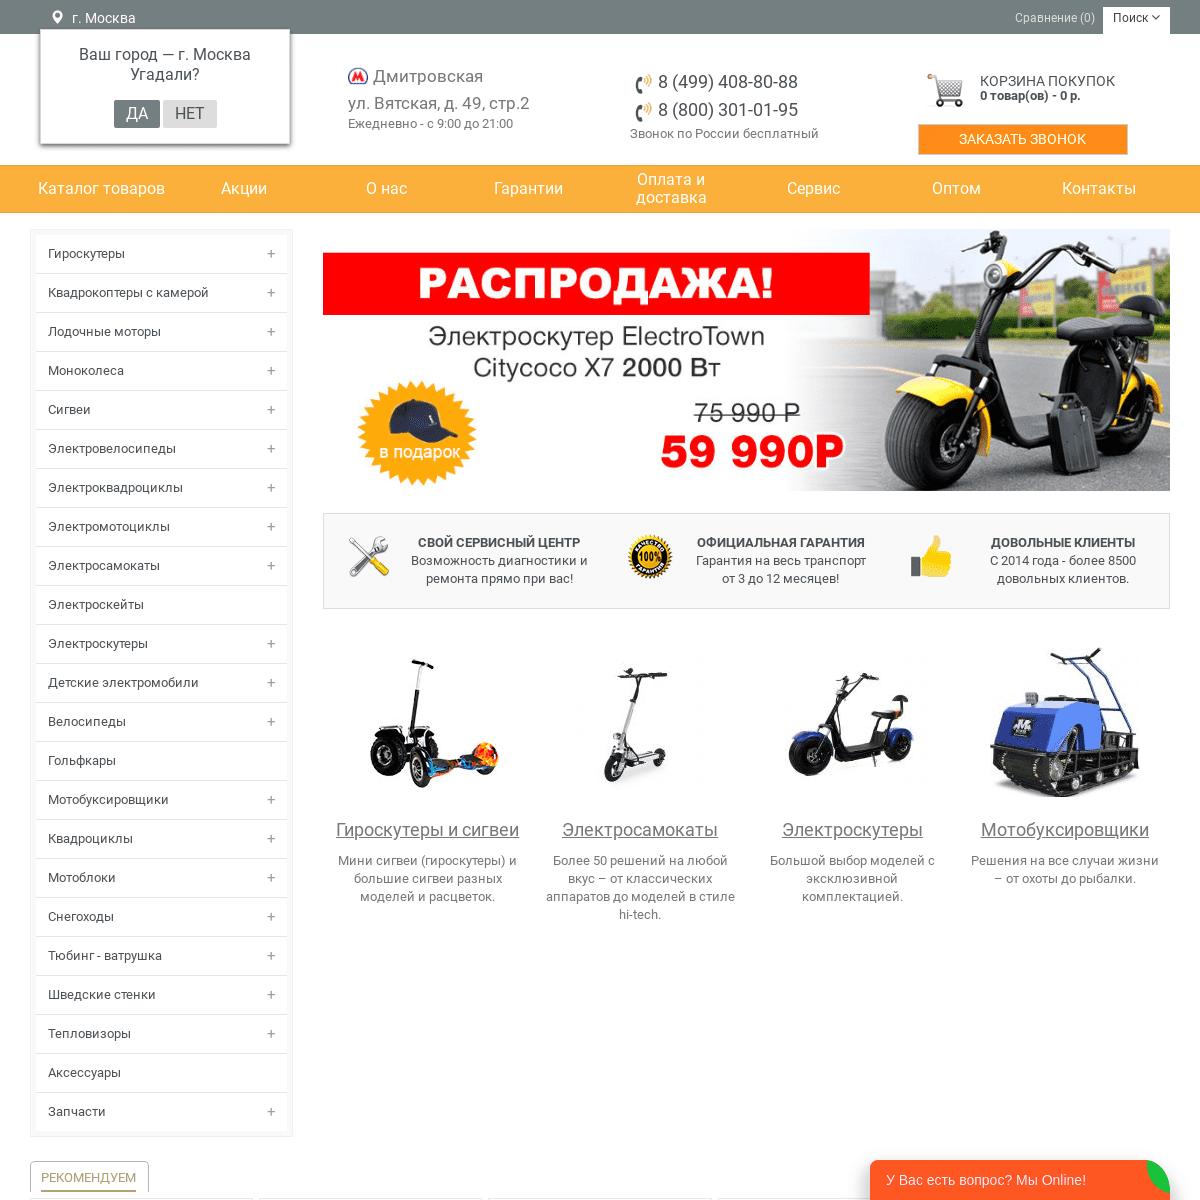 Интернет магазин мобильного электротранспорта в Москве - Electrotown